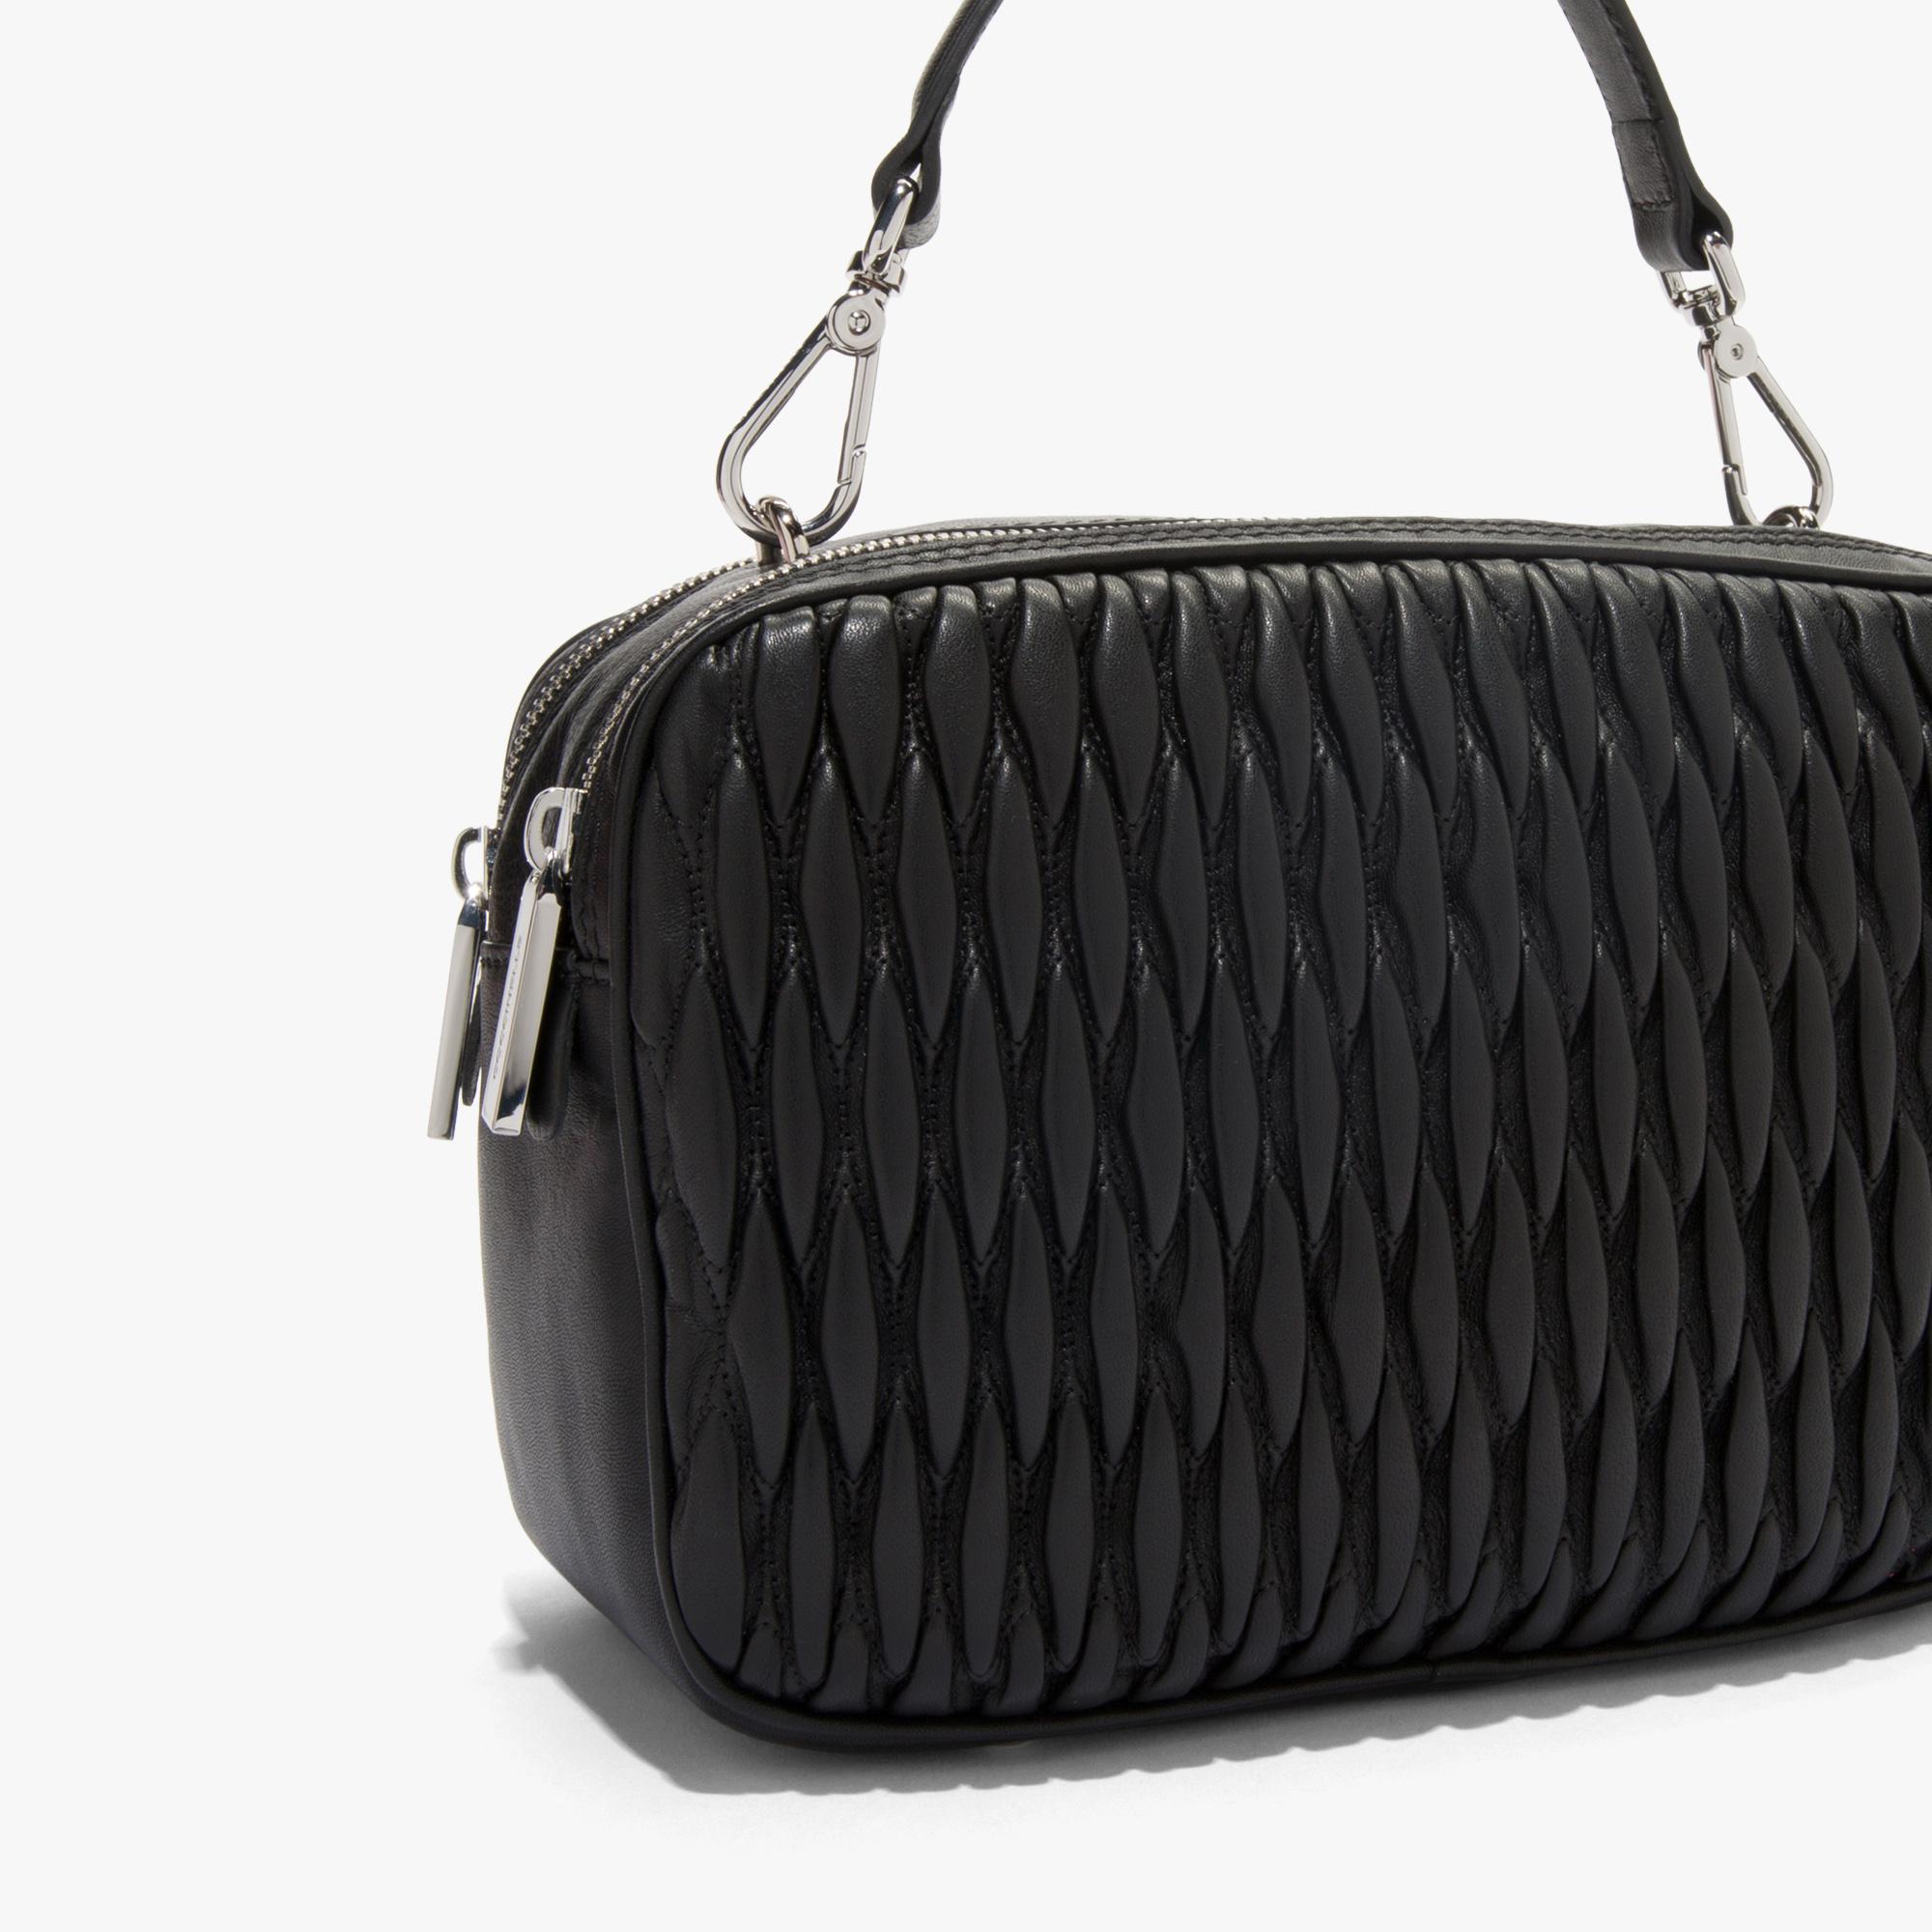 Surya Leather shoulder bag